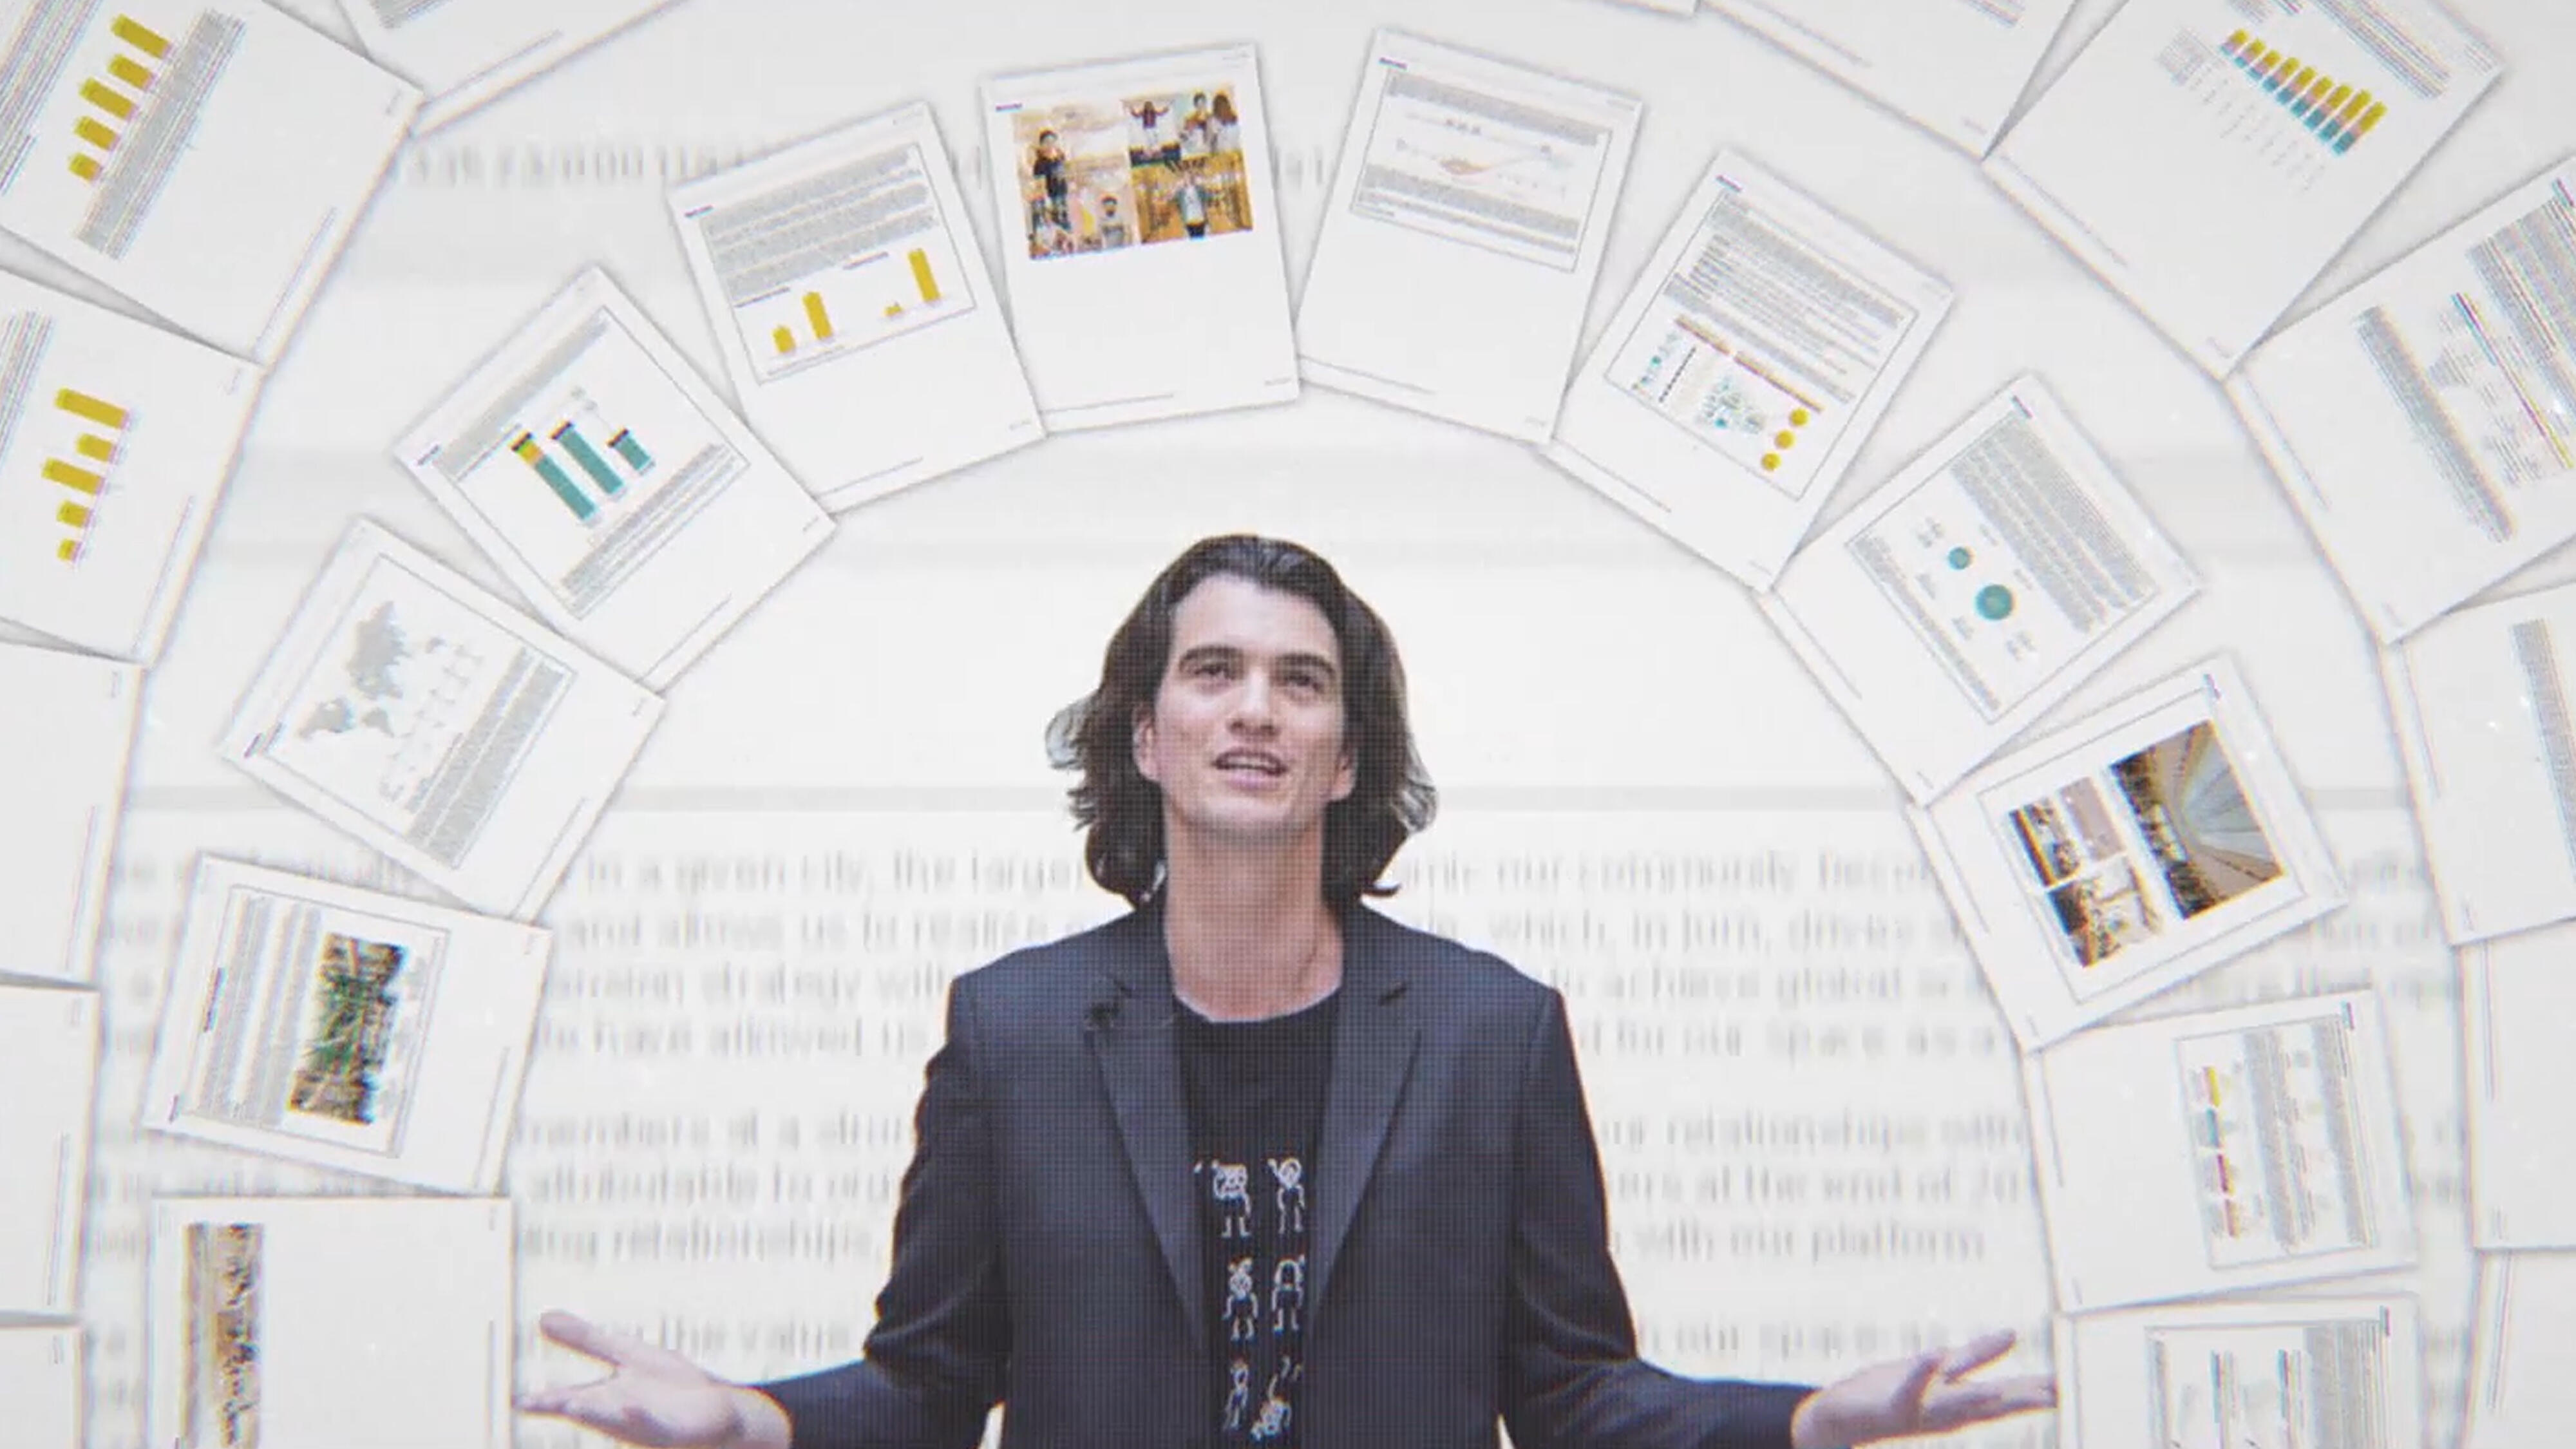 Adam Neumann in a still from 'WeWork'